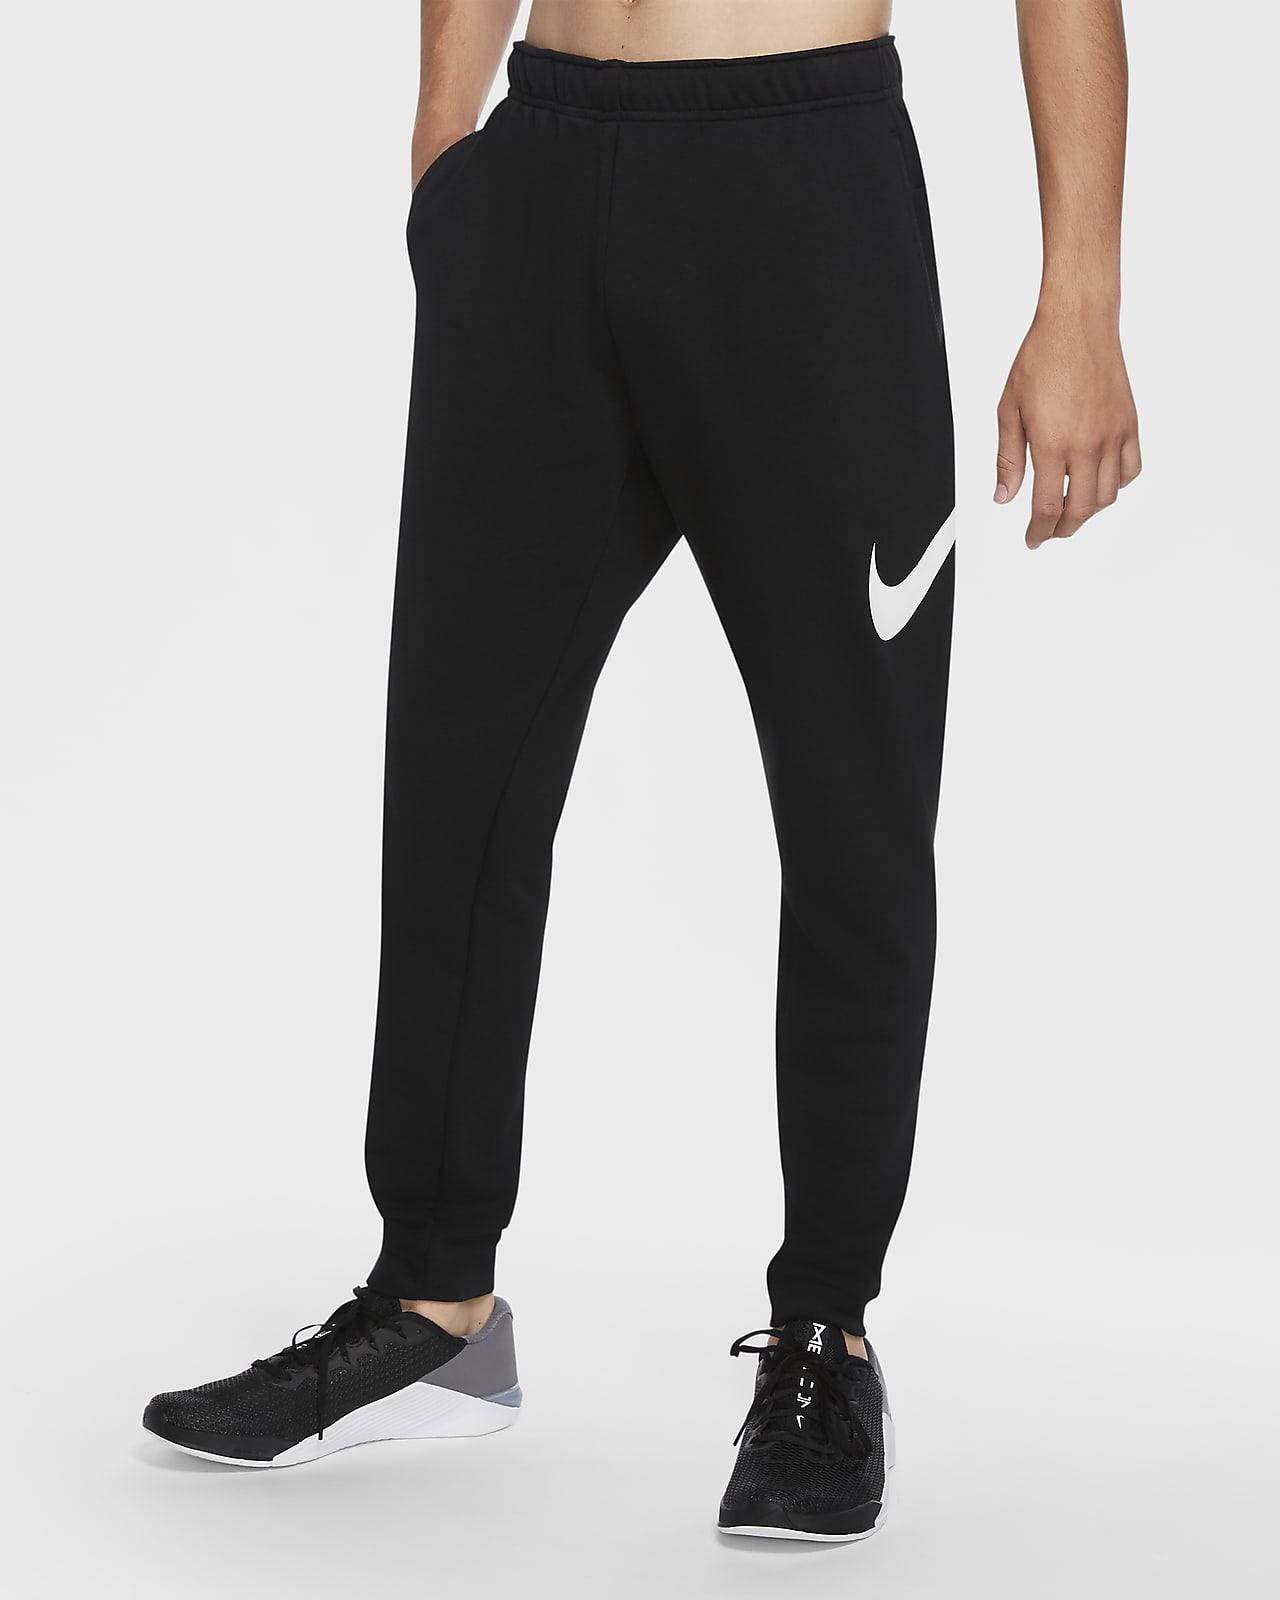 Nike Dri-FIT Trainingsbroek met taps toelopend design voor heren